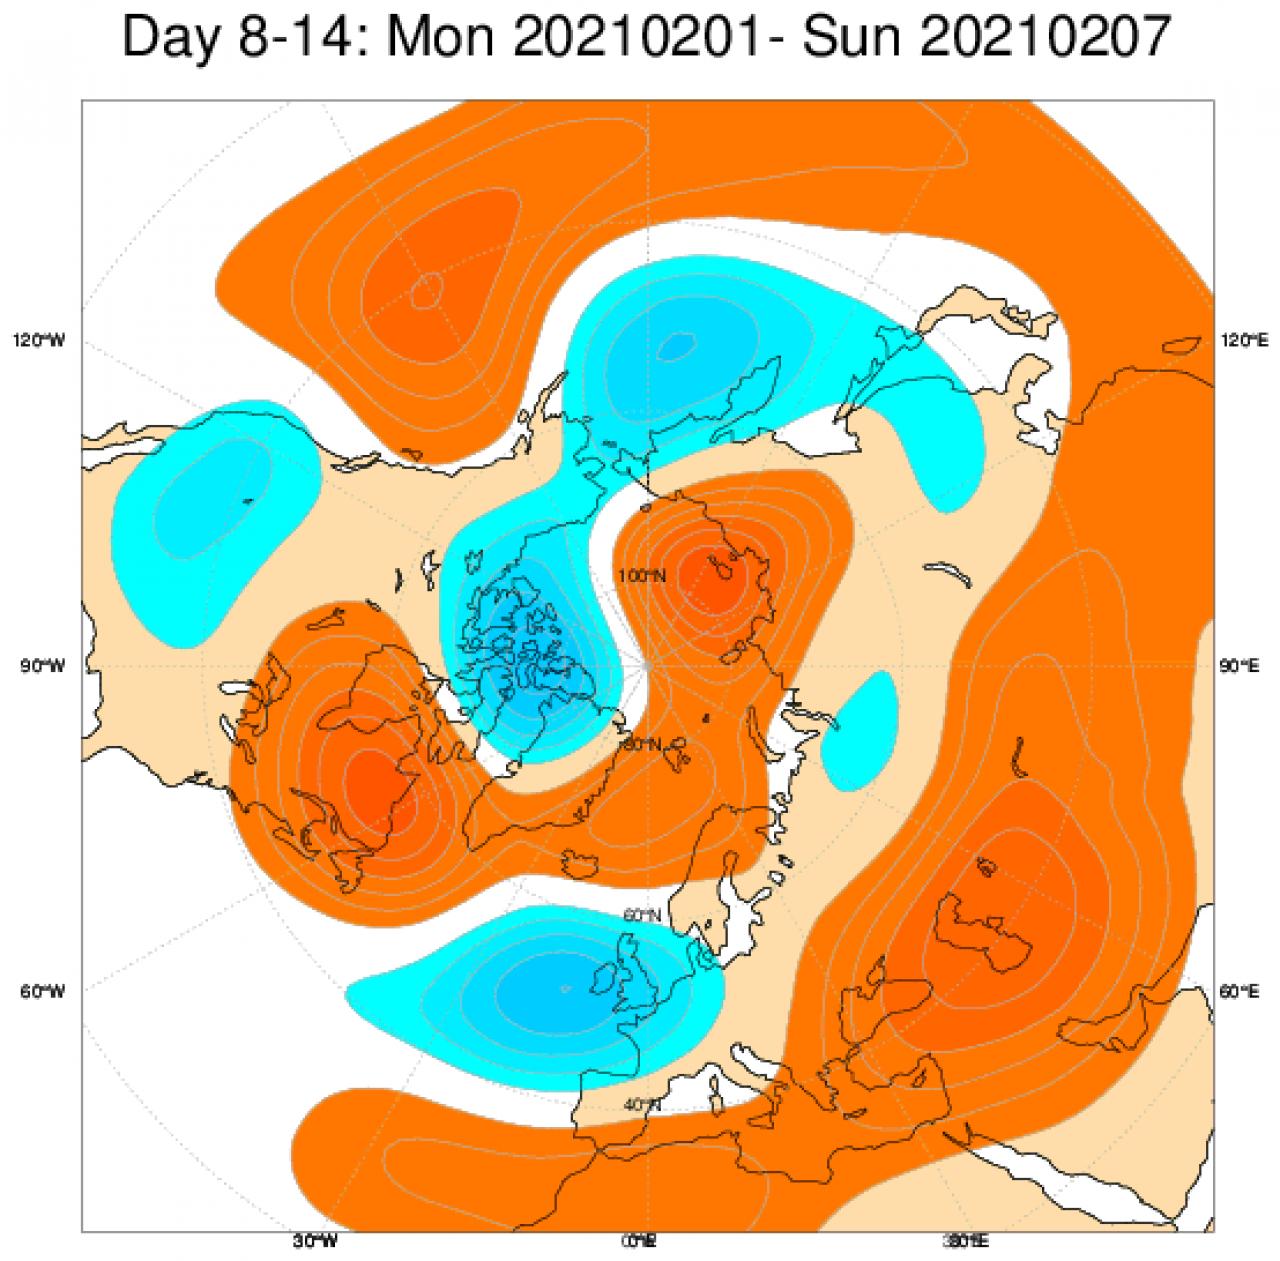 Le anomalie di geopotenziale secondo il modello ECMWF mediate in Europa sul periodo 1-7 febbraio